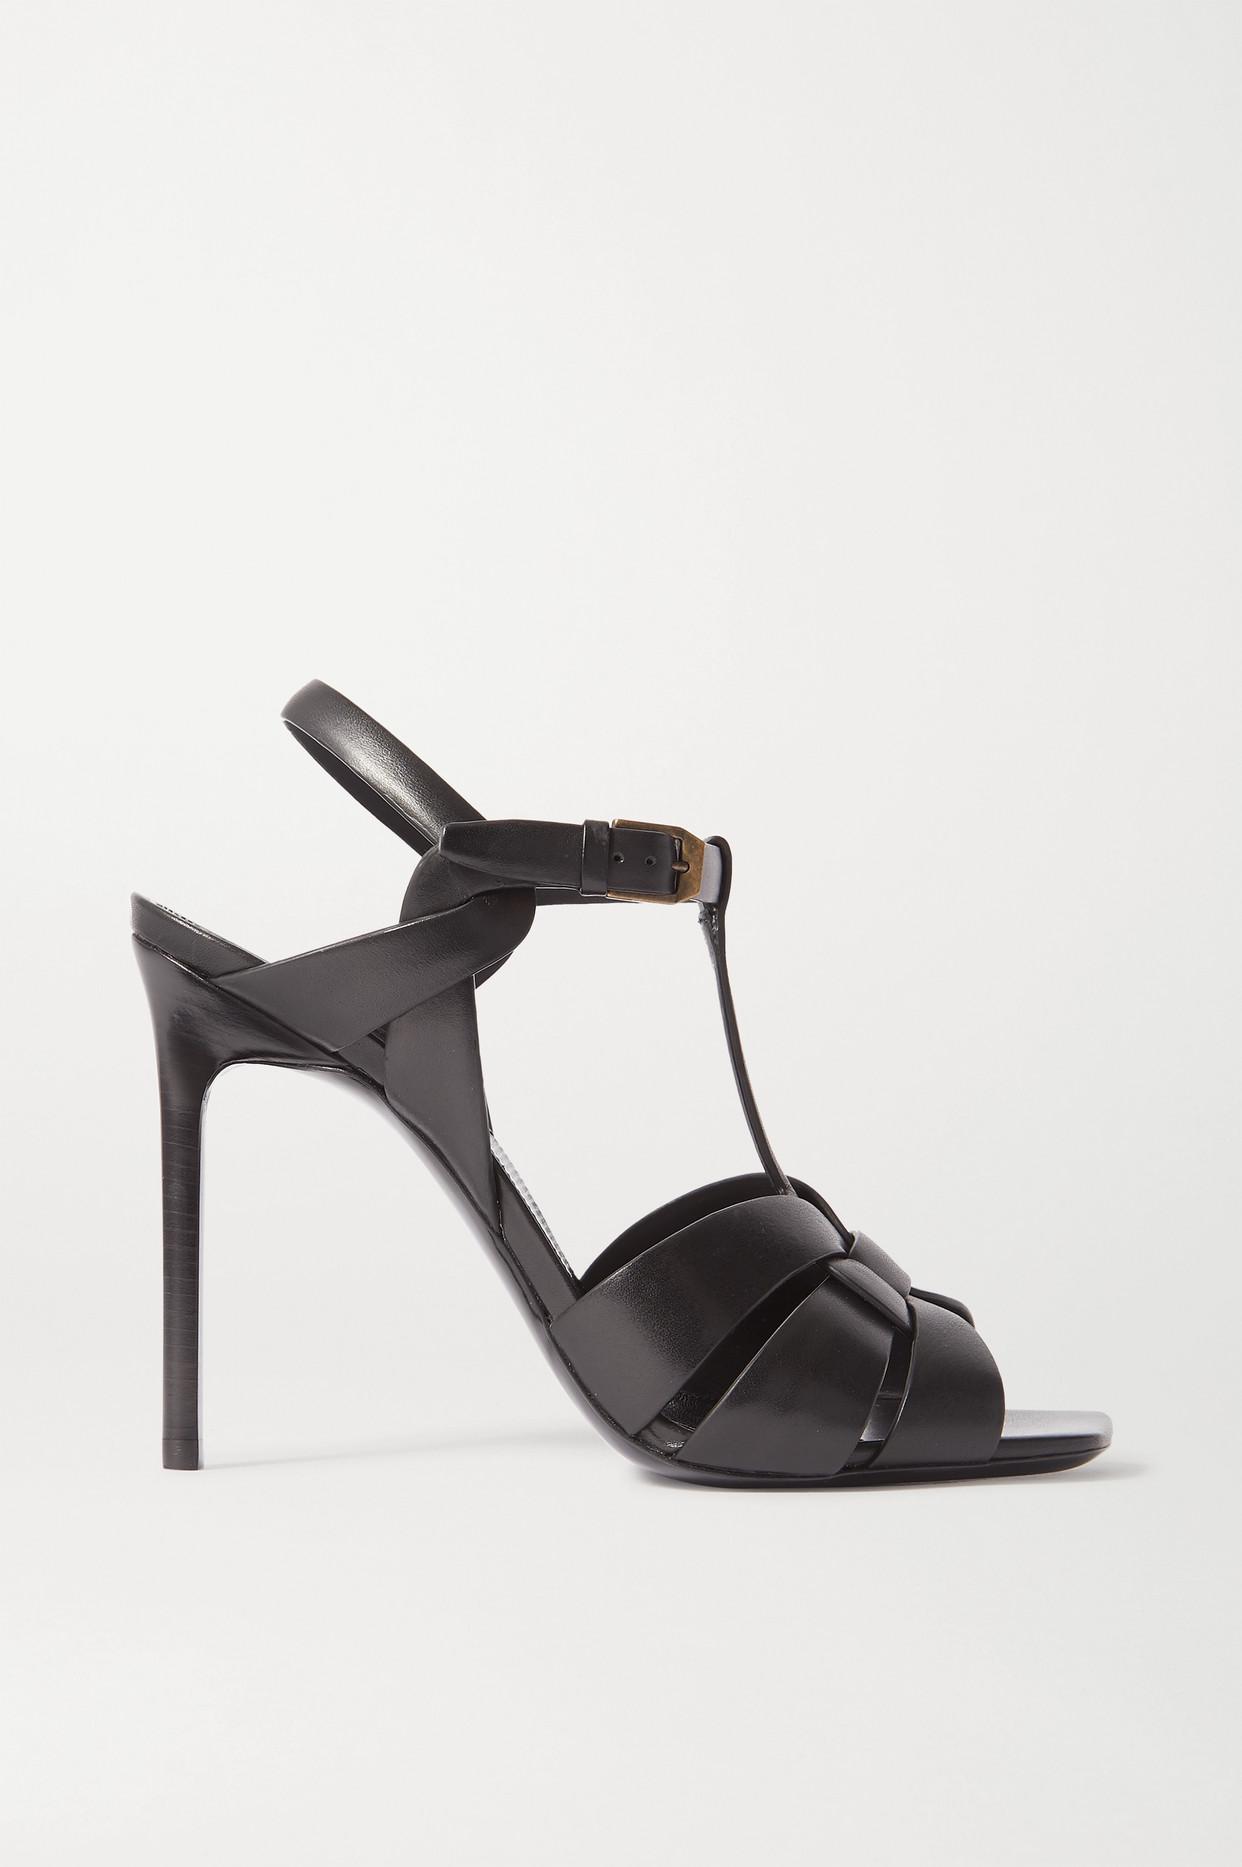 SAINT LAURENT - Tribute Woven Leather Sandals - Black - IT40